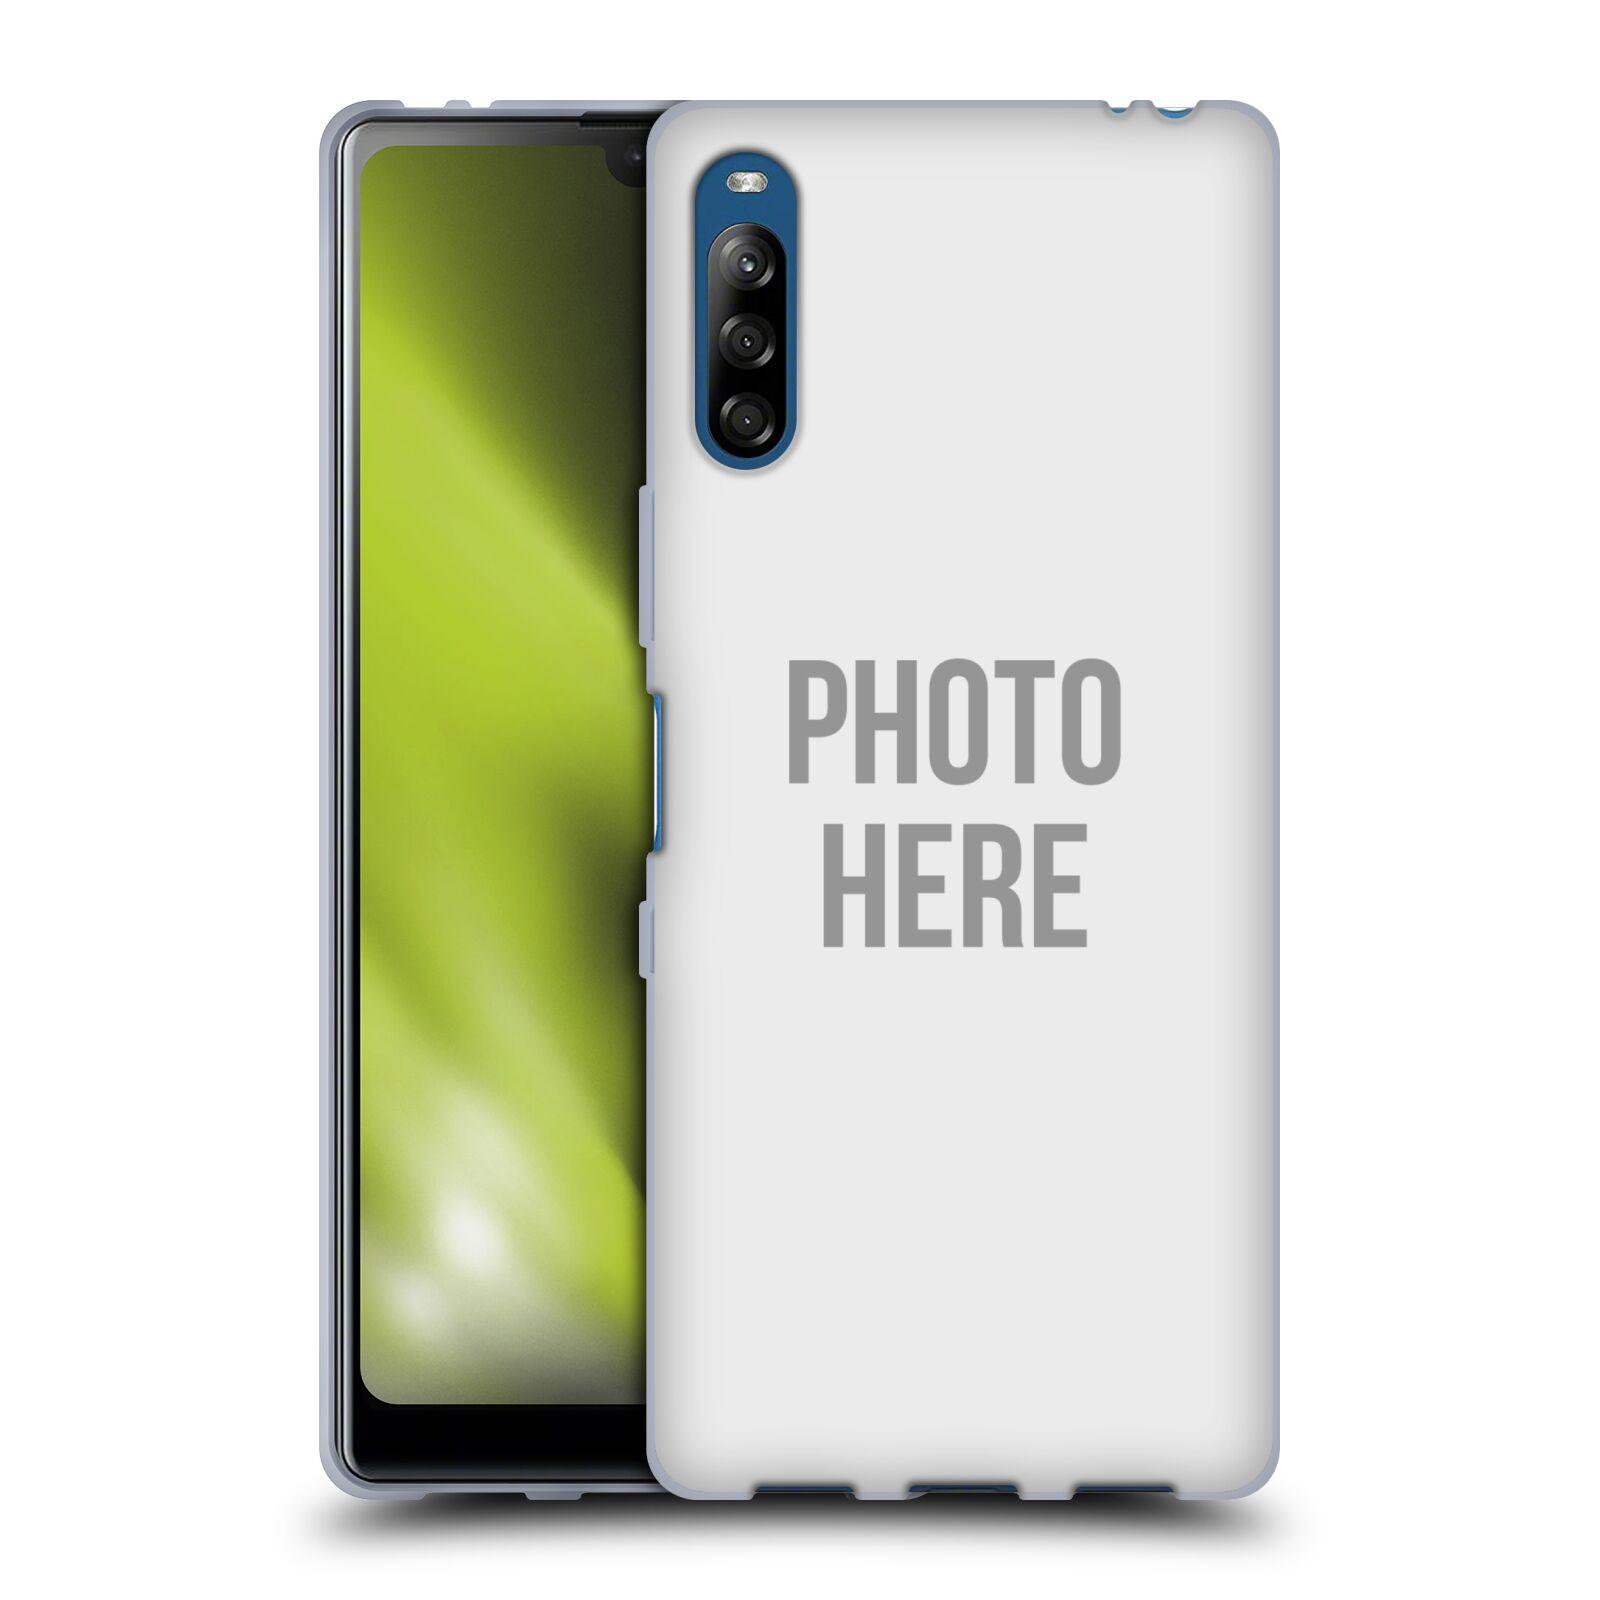 Silikonové pouzdro na mobil Sony Xperia L4 s vlastním motivem